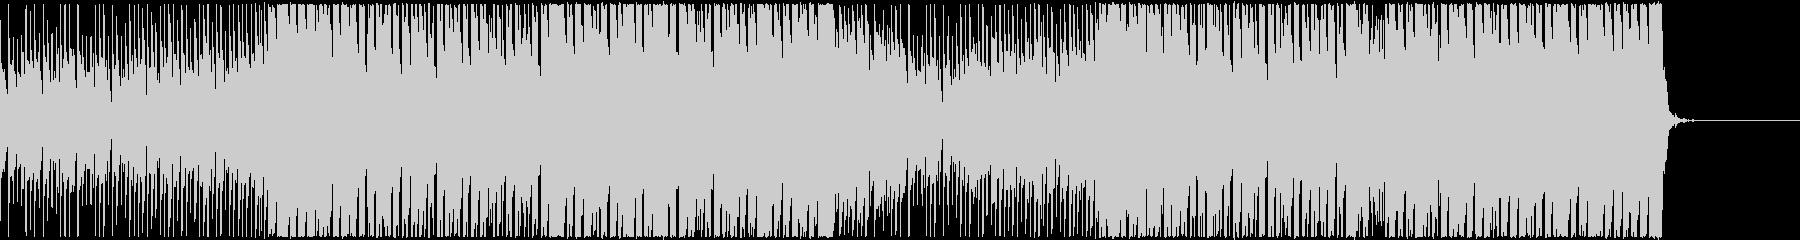 説明用動画のバックグラウンドに最適の未再生の波形